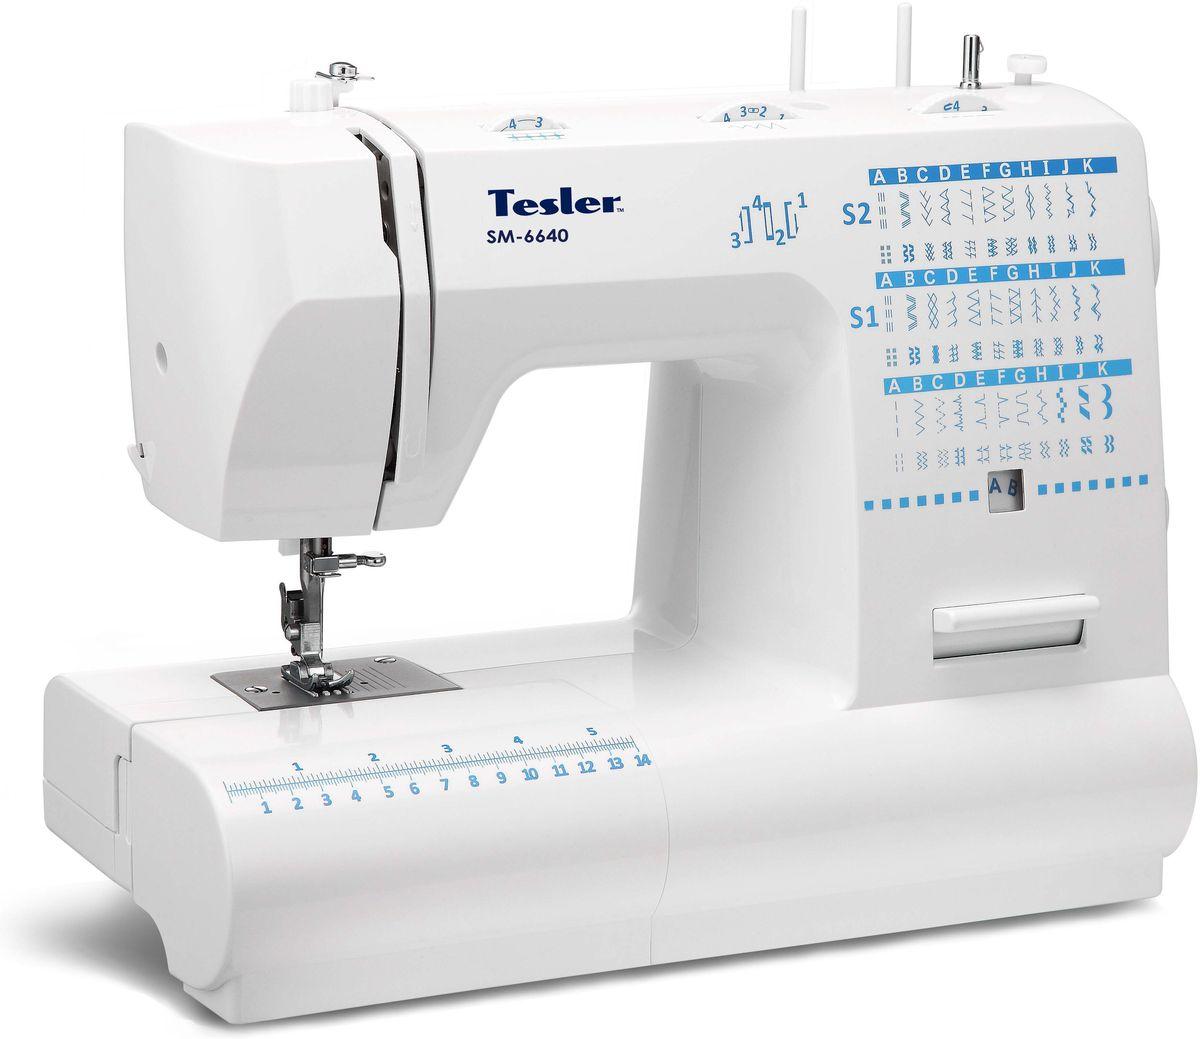 Tesler SM-6640, White швейная машинкаSM-6640Универсальная швейная машинка, которая поможет вам усовершенствовать и/или отремонтировать уже имеющуюся одежду. Или поможет воплотить в жизнь все самые смелые дизайнерские идеи. С помощью функции декоративной строчки вы также сможете украсить только что сшитую одежду при помощи элегантного узора. Тип: электромеханическая. Количество швейных операций: 66. Количество строчек: 66. Количество петель: 1. Стежки для квилтинга. Тип челнока: качающийся вертикальный. Подсветка. Место для хранения принадлежностей. Контроль позиционирования иглы. Регулировка натяжения нити. Регулировка длины стежка. Регулировка скорости. Регулировка уровня прижимной лапки. Реверс. Шитье двойной иглой. Обрезка нити. Функция свободный рукав. Особенности: Быстрая замена лапок. Яркая светодиодная подсветка. Складная ручка для удобной переноски. Направляющие линии на игольной пластине для прямых и ровных строчек. 4-шаговая петля. Линейка на корпусе. Максимальная скорость шитья 750 ст/мин. Мощность 70 Вт. Комплектация: Лапка для петли. Направитель для квилтинга. Вспарыватель. Шпули. Набор игл. Двойная игла. Штопальная пластина. Инструкция на русском языке. Чехол.